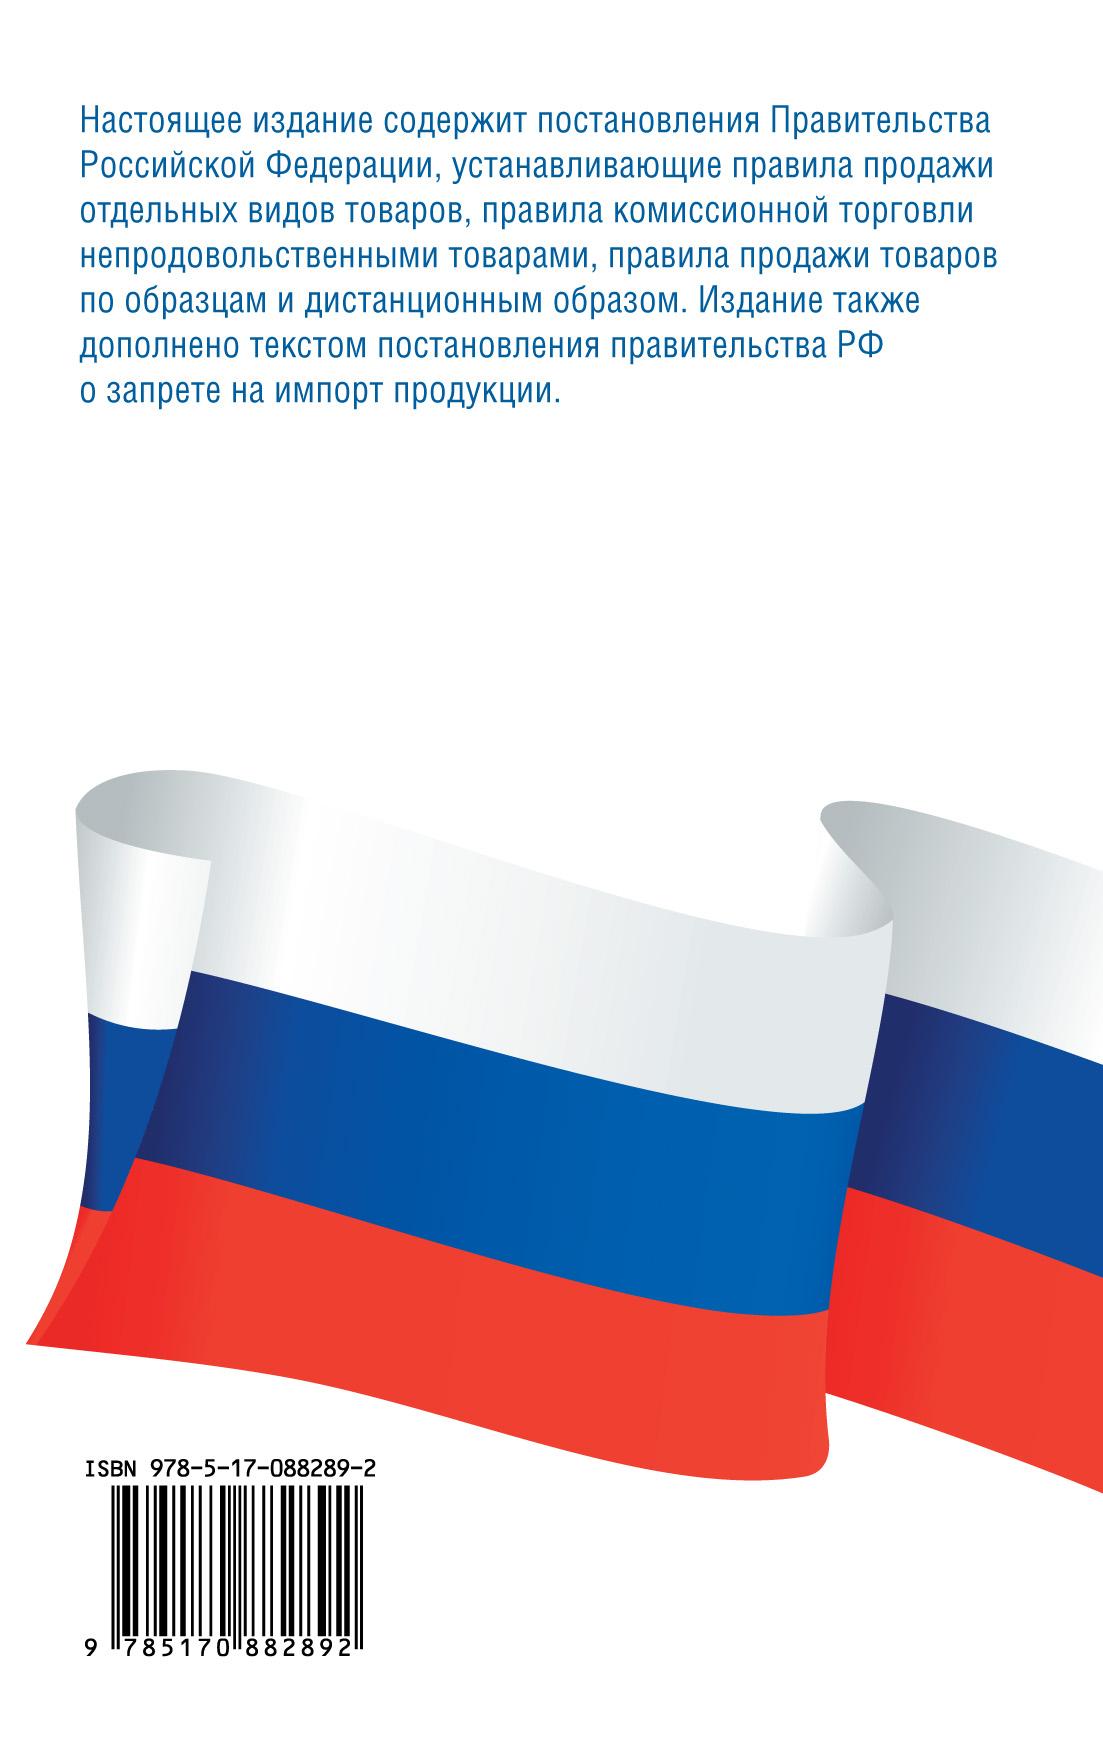 Правила торговли. Санкции (постановление правительства Российской Федерации) по состоянию на 2015 год Настоящее издание содержит...